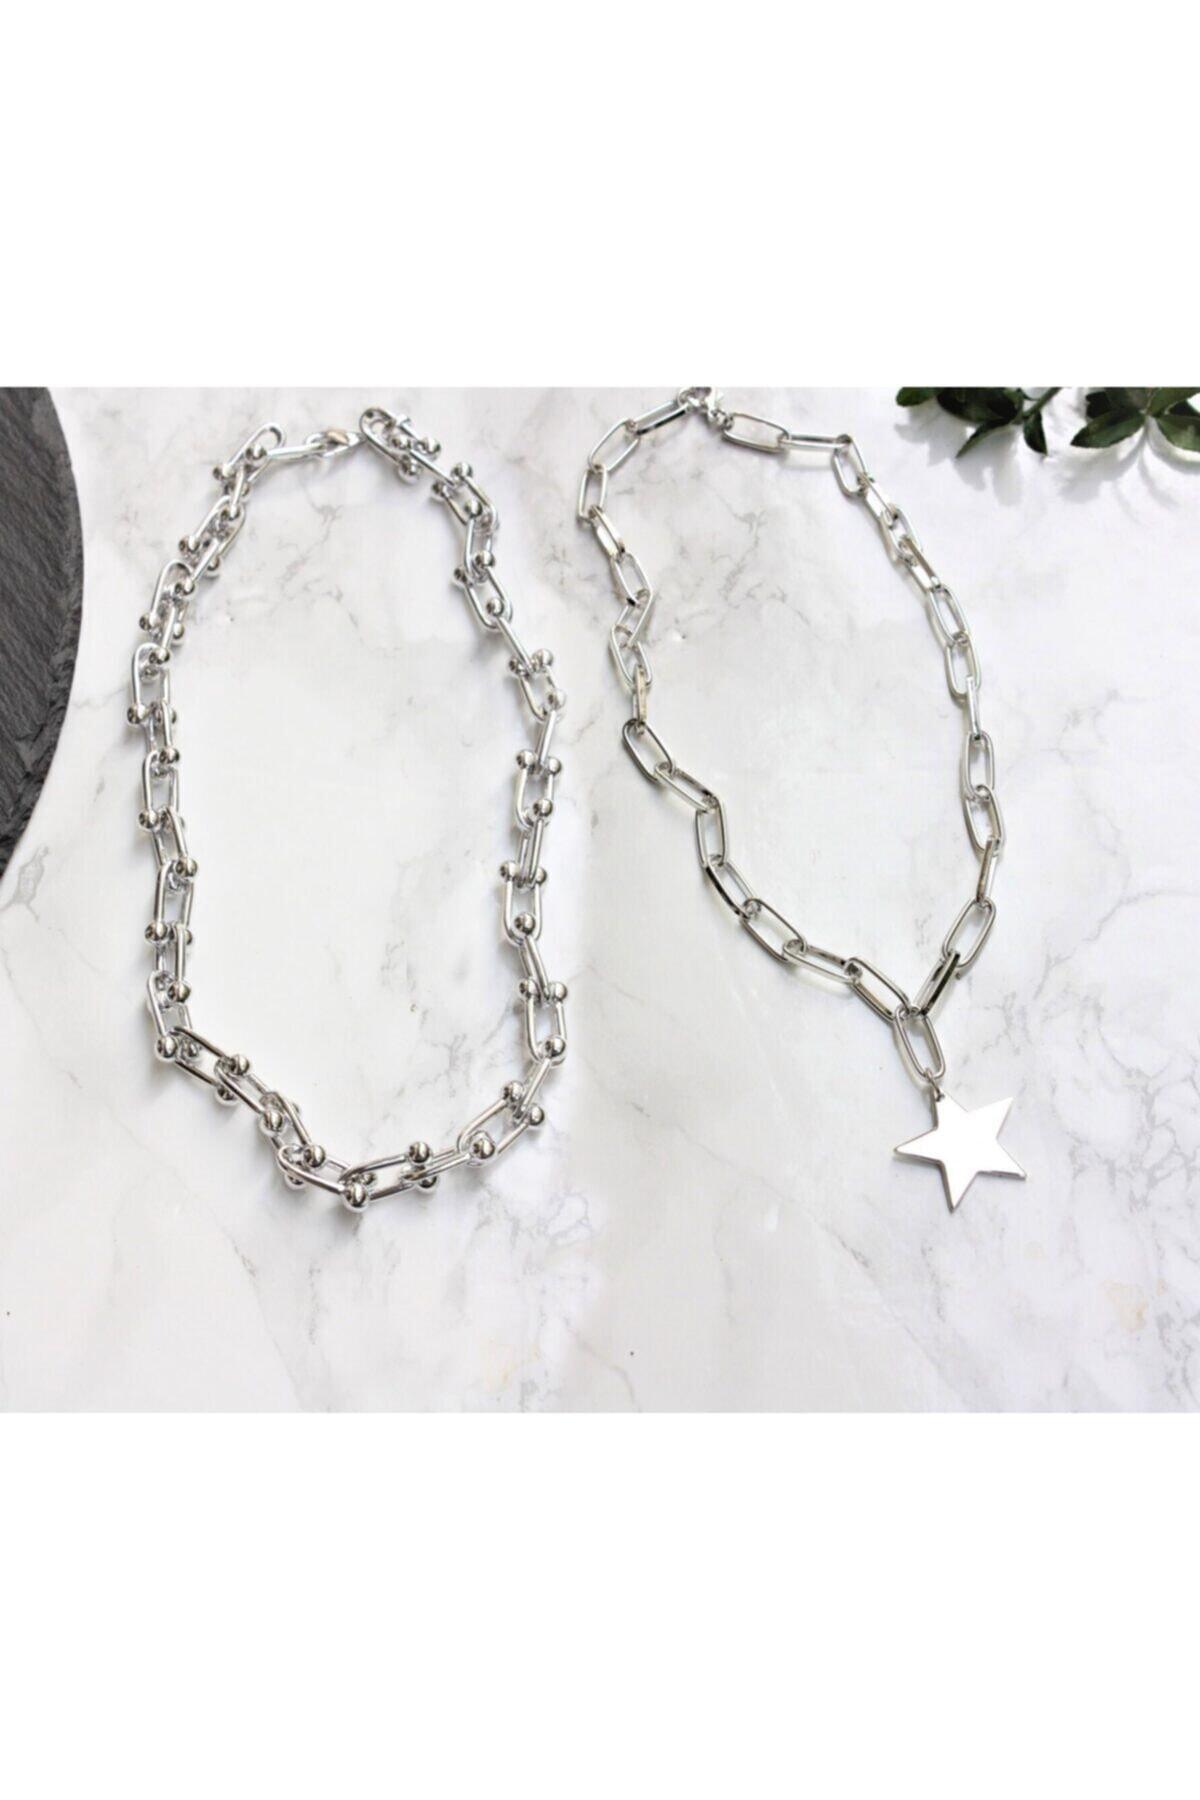 Lal Gümüş Kaplama Ikili Kombin Kolye Yıldız Kolye Ve Blanca Tiffany Kolye 1